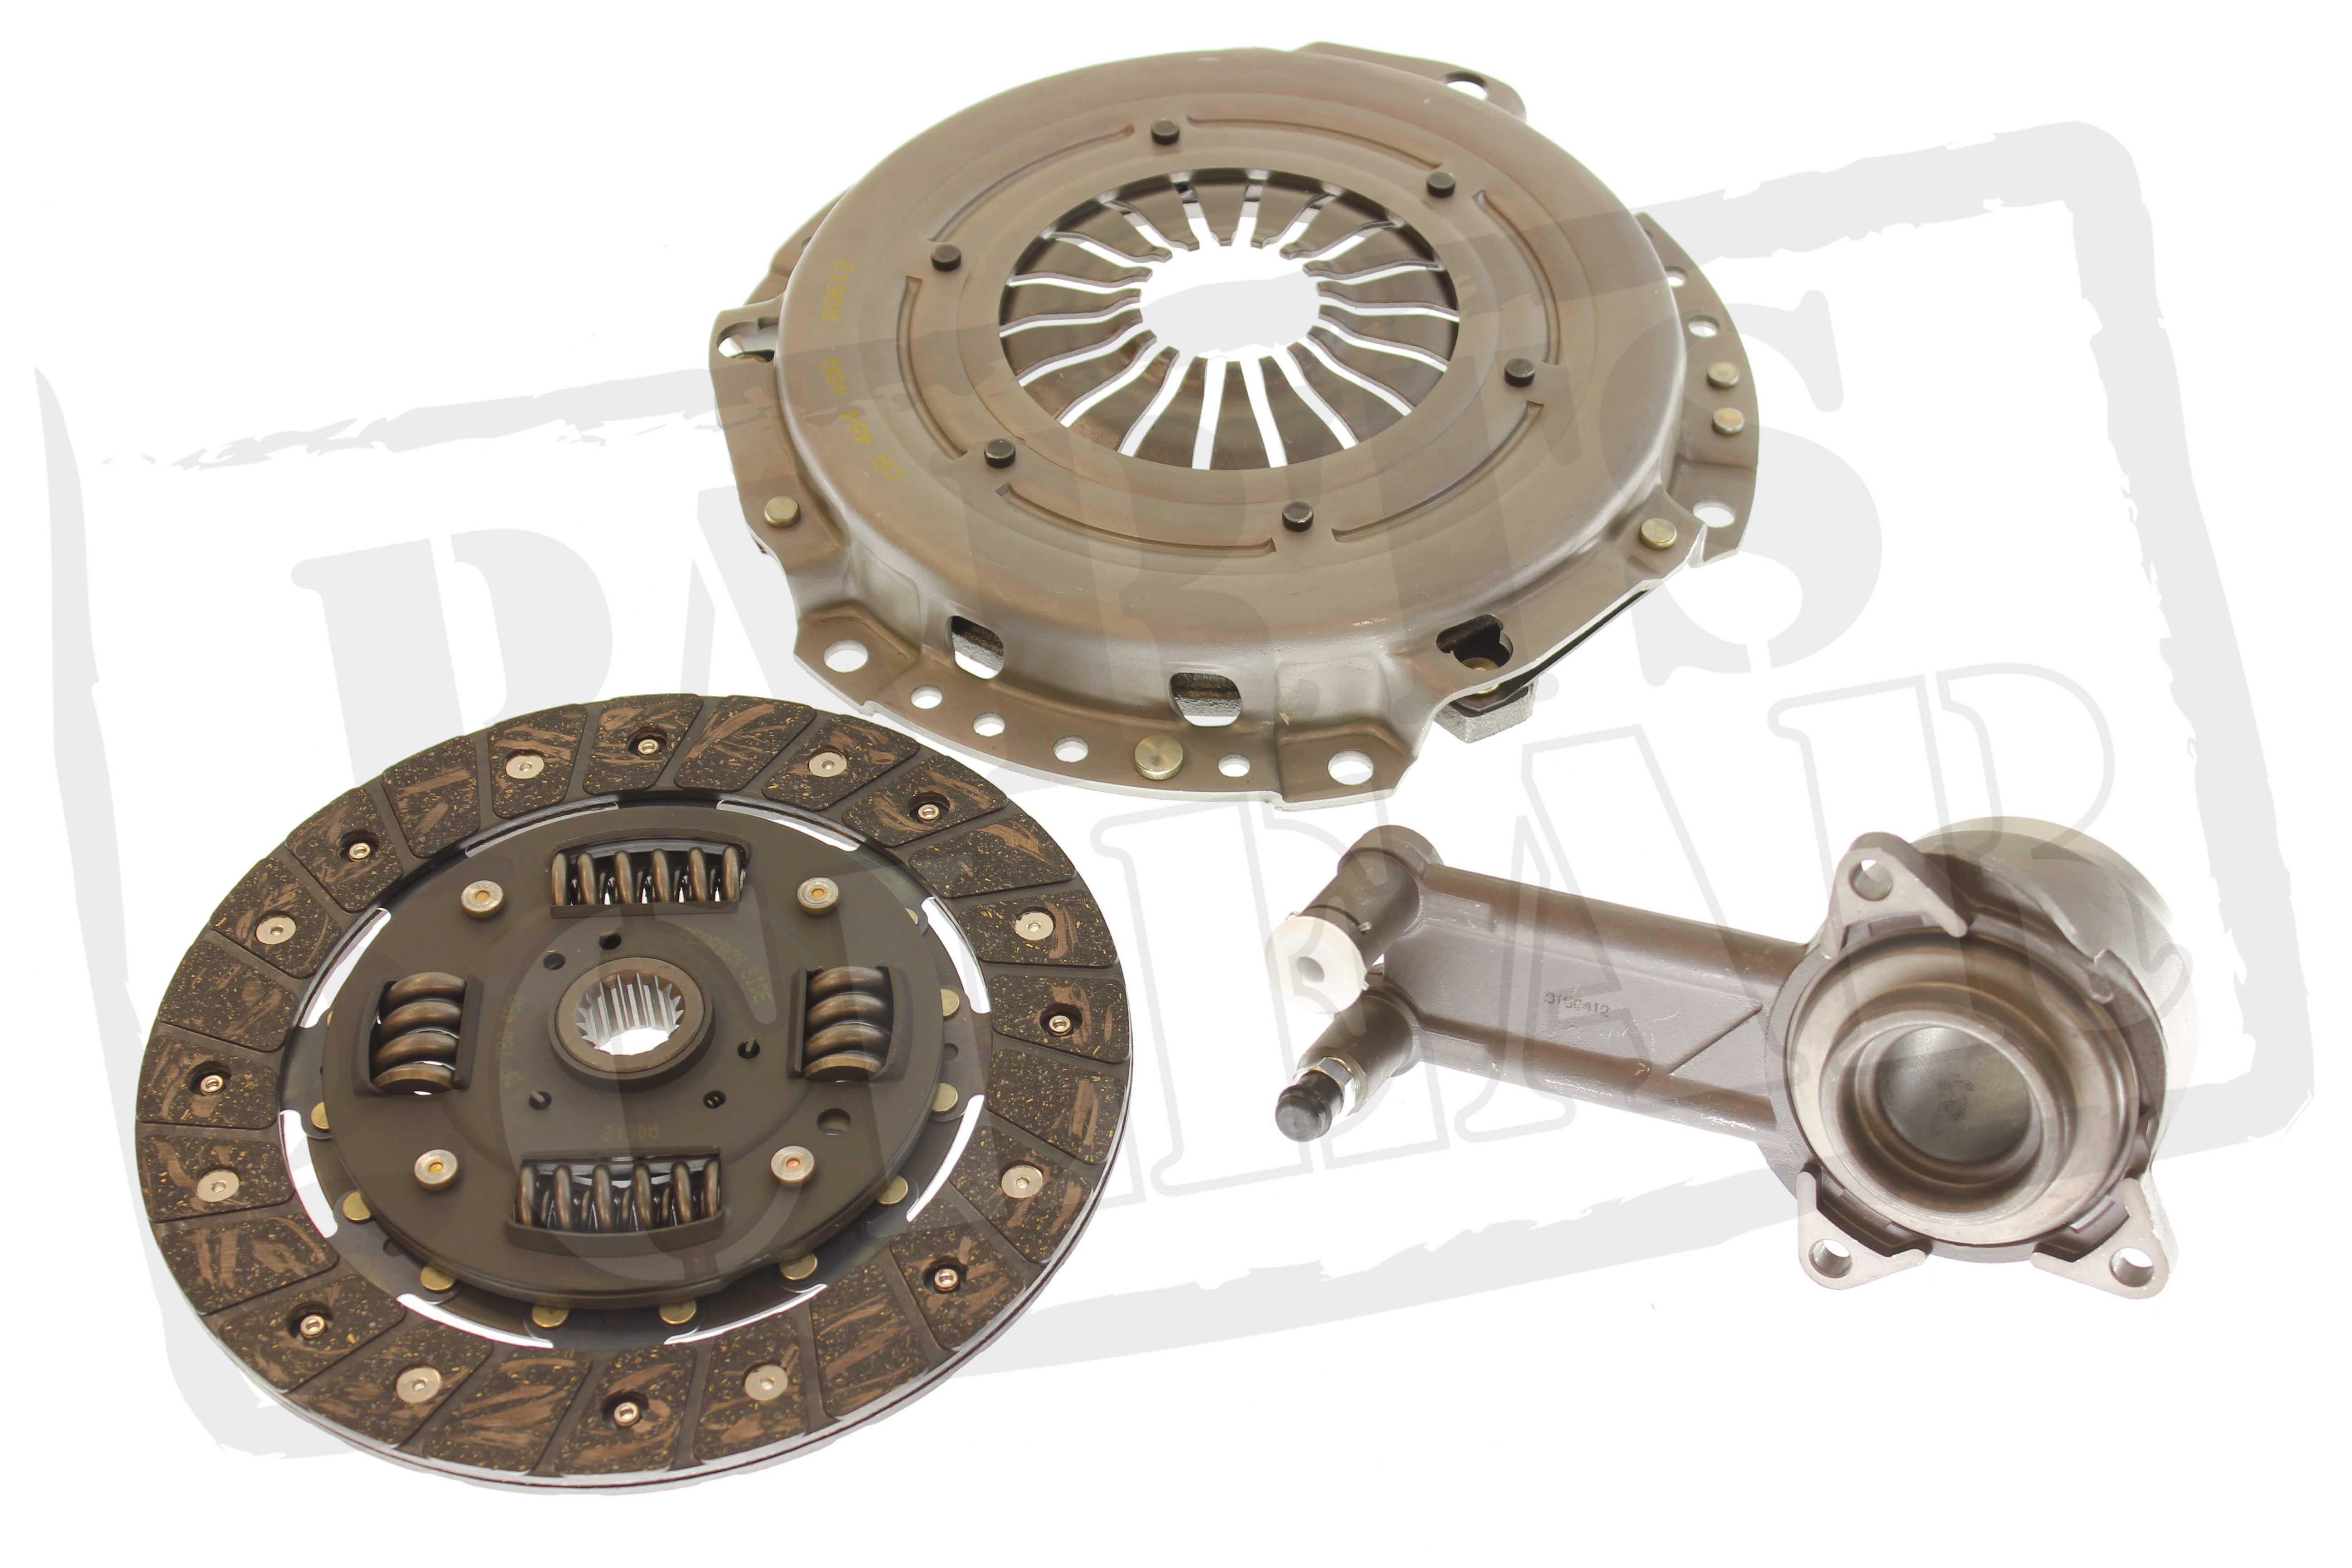 Ford escort hydraulic clutch slave cylinder